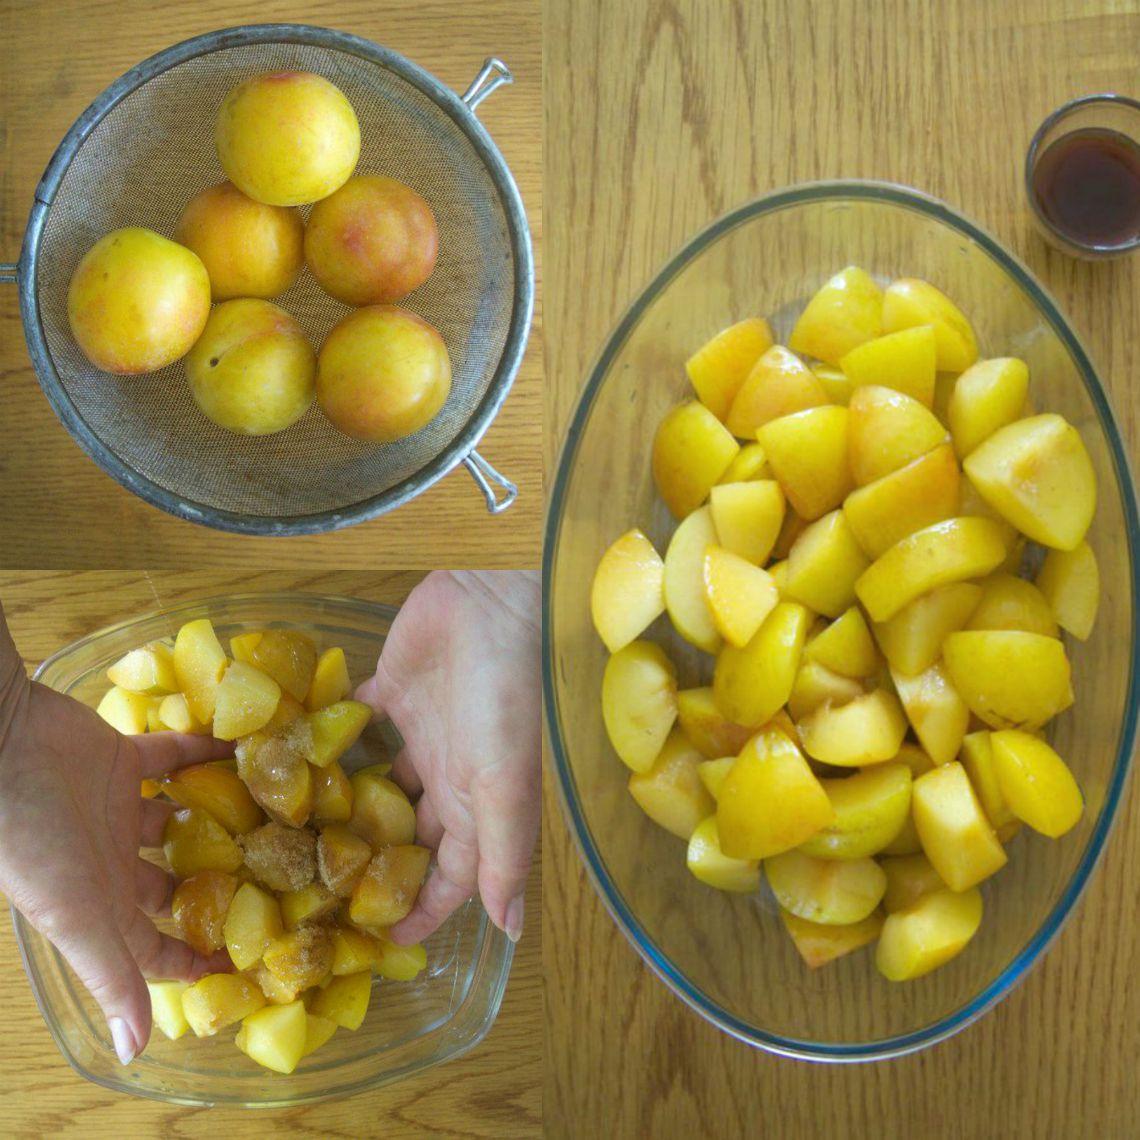 préparation des prune confites au porto